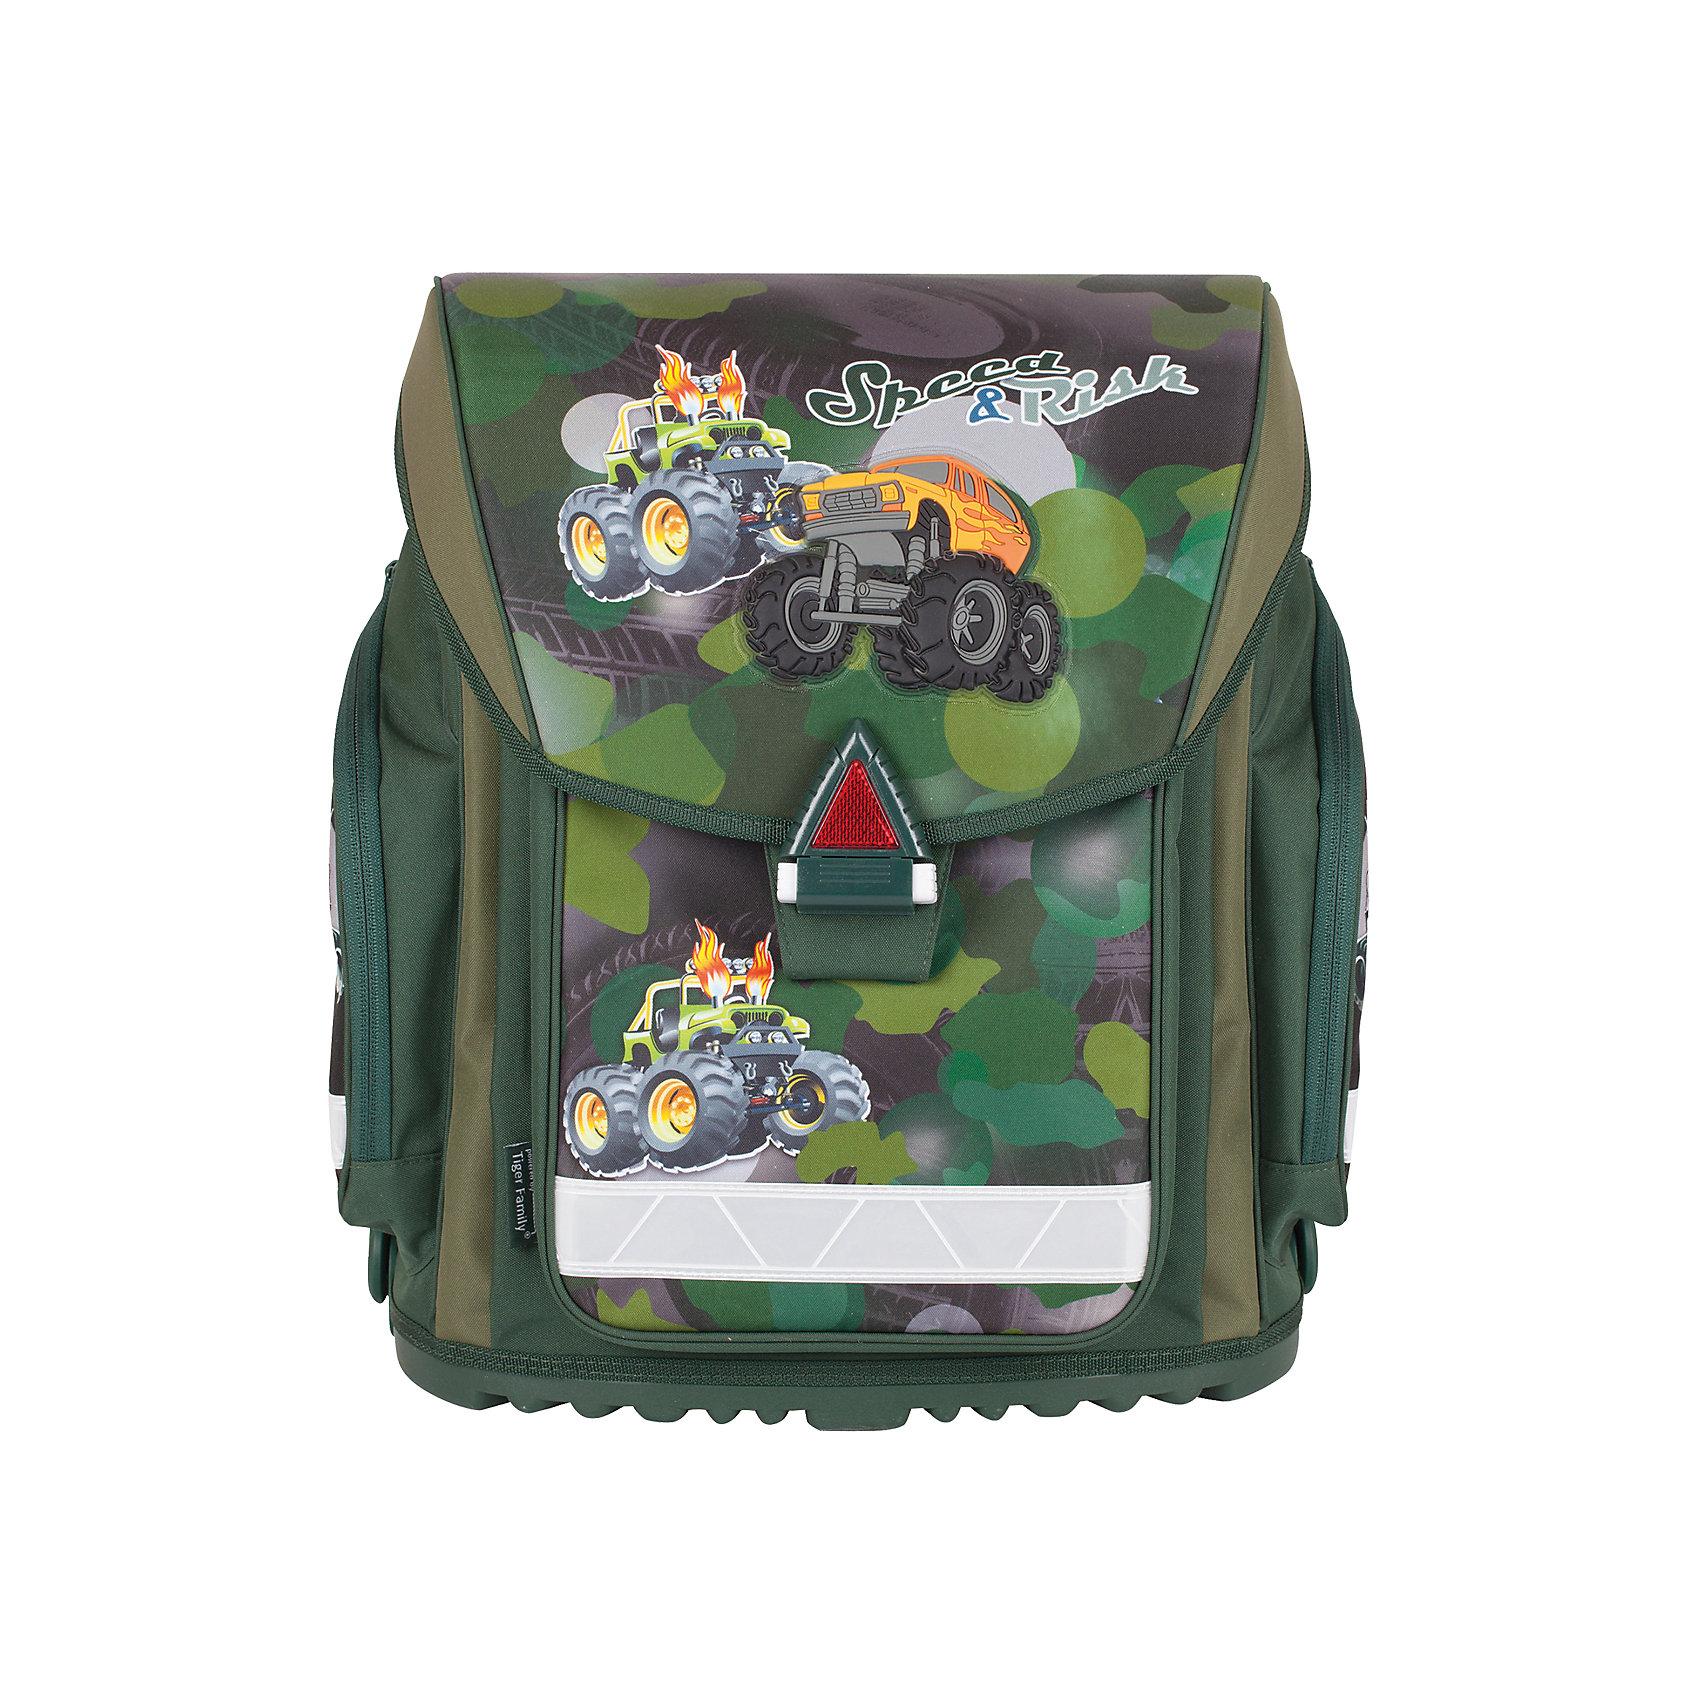 Ранец ВнедорожникО таком ранце мечтает каждый мальчишка. Прочный материал, удобные карманы для всех нужных мелочей и застежка, которую легко открывать и закрывать, яркий объемный рисунок для хорошего настроения.<br> Такой ранец будет прекрасным подарком к 1 сентября!<br><br>Особенности:<br>- 1 отделение, 3 кармана;<br>- Прорезиненное дно;<br>- Формоустойчивая вентилируемая спинка;<br>- Широкие регулируемые лямки;<br>- Светоотражающие элементы;<br>- Водоотталкивающая ткань.<br><br>Дополнительная информация: <br><br>- Размер - 38х36х22 см.<br>- Объем - 20 л.<br>- Размер упаковки: 19х36х41 см.<br>- Вес в упаковке: 1,440 кг.<br><br>Ранец Внедорожник можно купить в нашем магазине.<br><br>Ширина мм: 190<br>Глубина мм: 360<br>Высота мм: 410<br>Вес г: 1440<br>Возраст от месяцев: 72<br>Возраст до месяцев: 120<br>Пол: Мужской<br>Возраст: Детский<br>SKU: 4792801